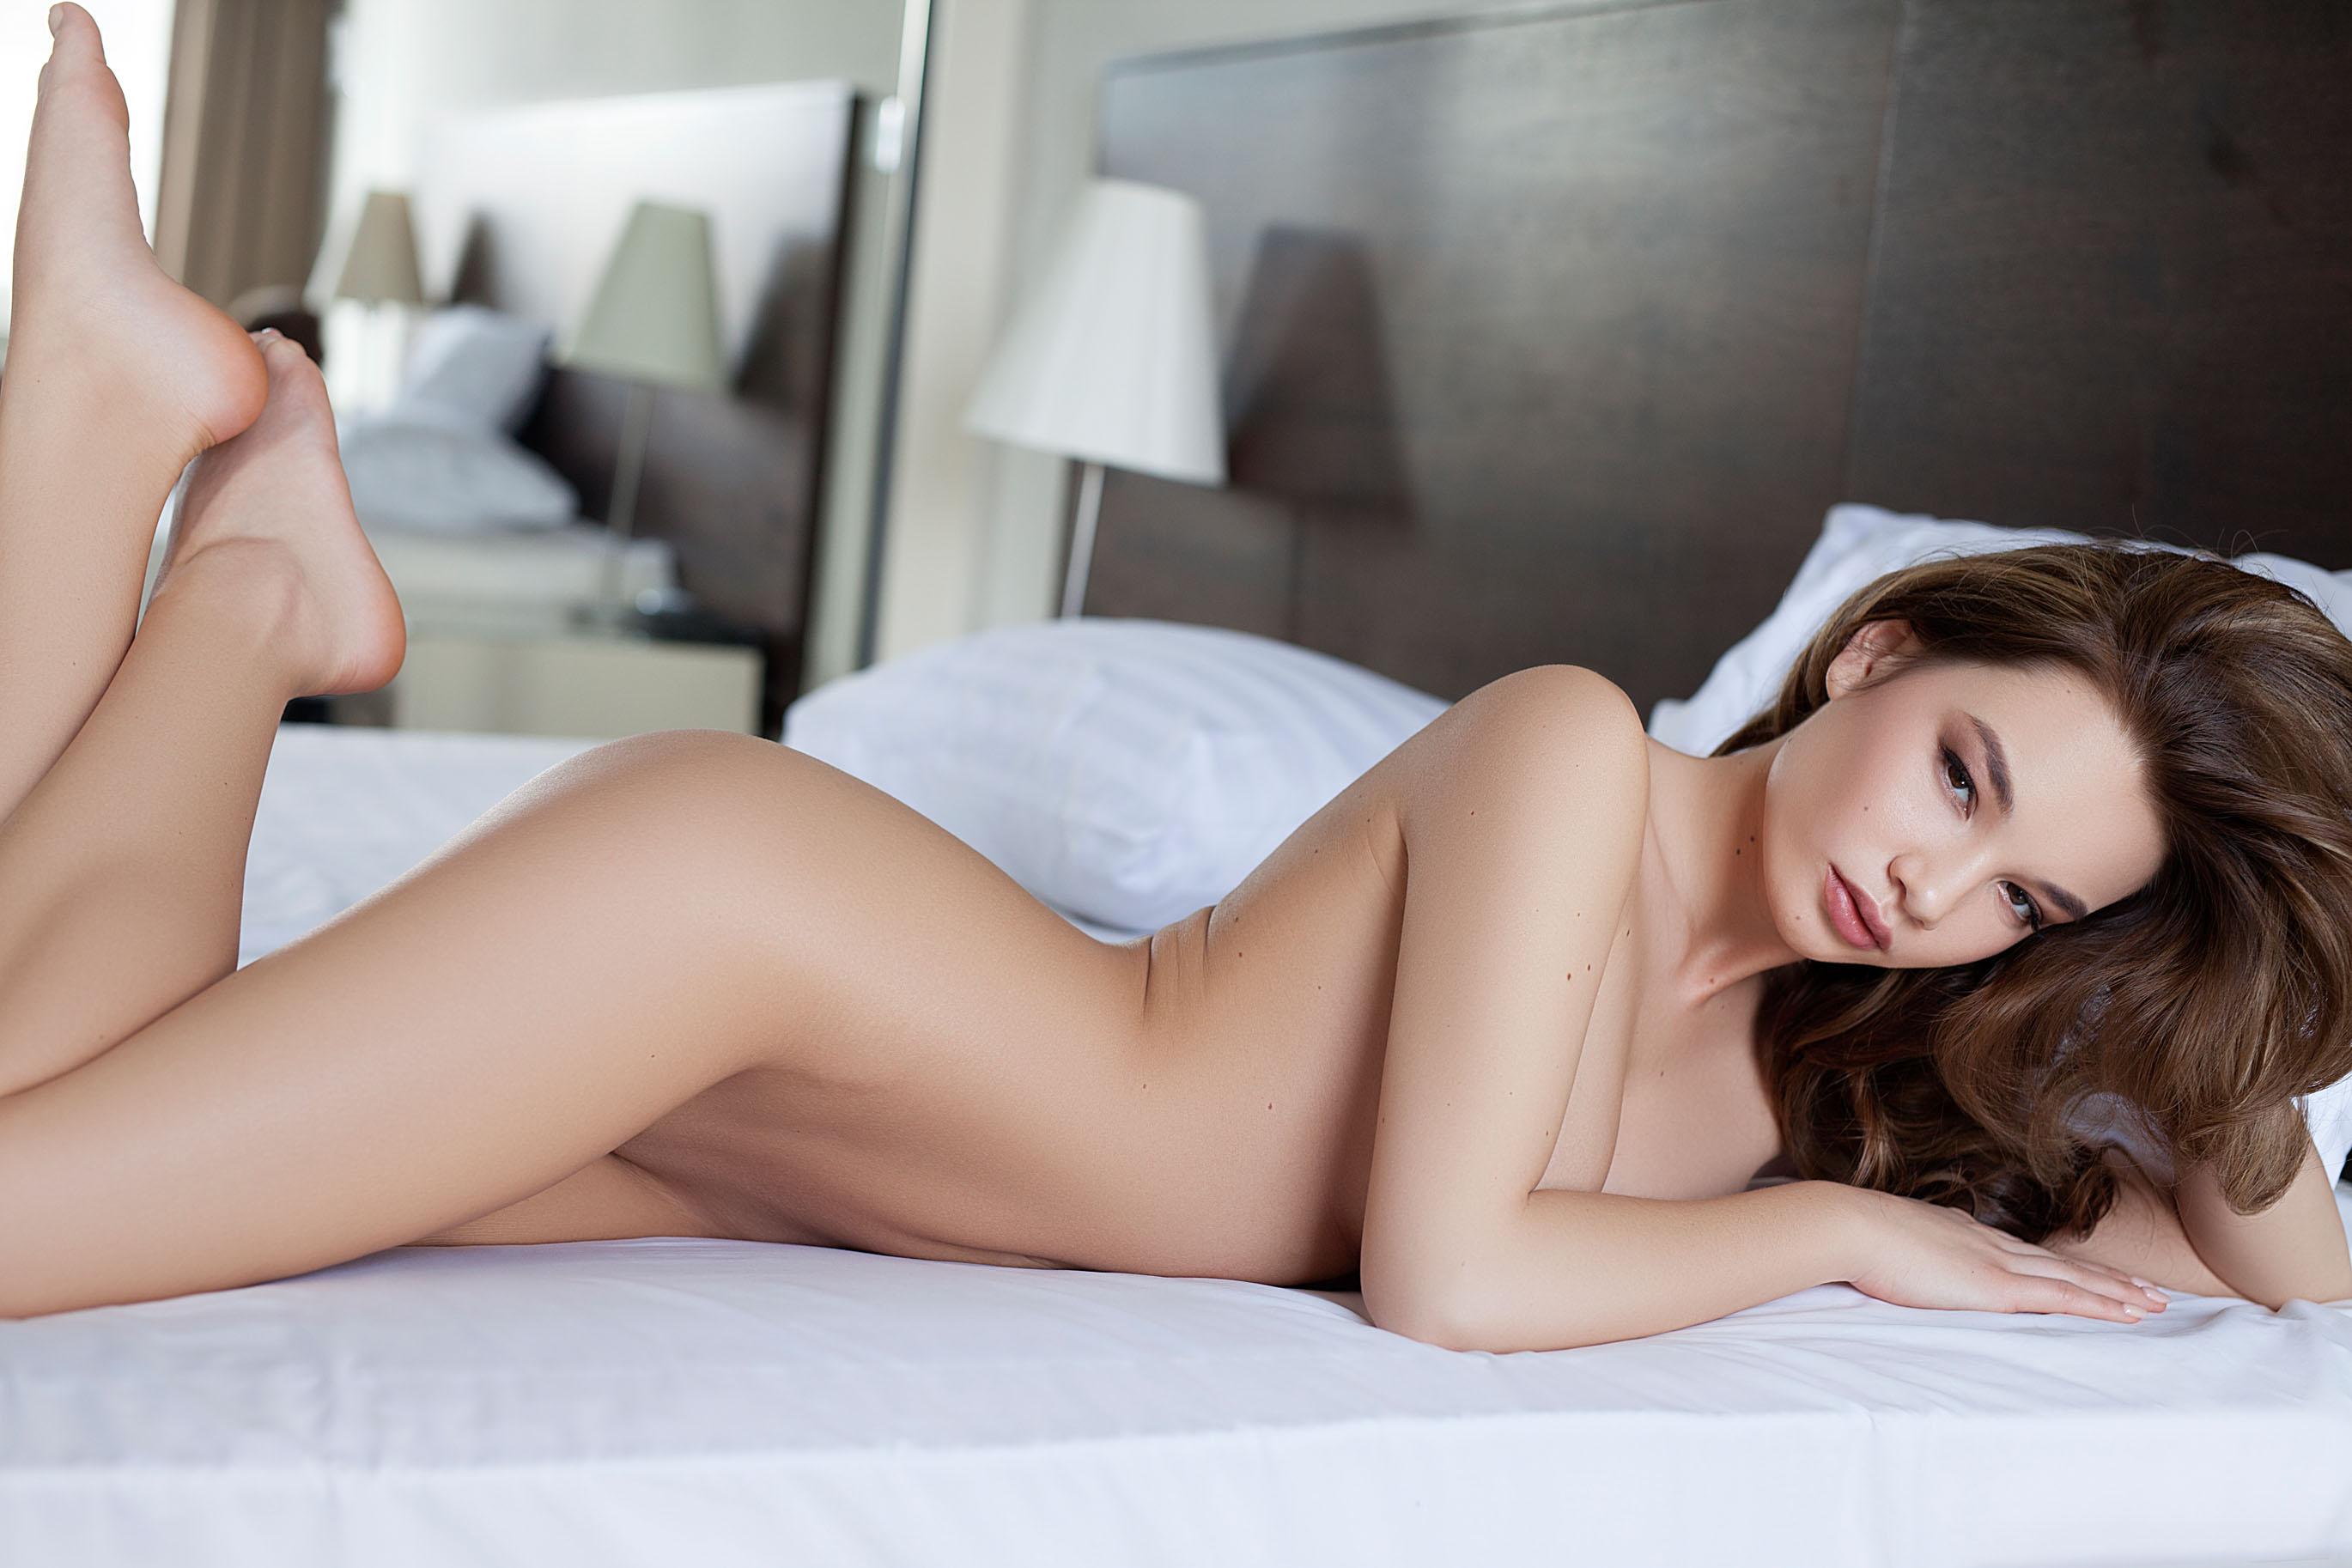 Clara, brunette, nude, strip, bedroom